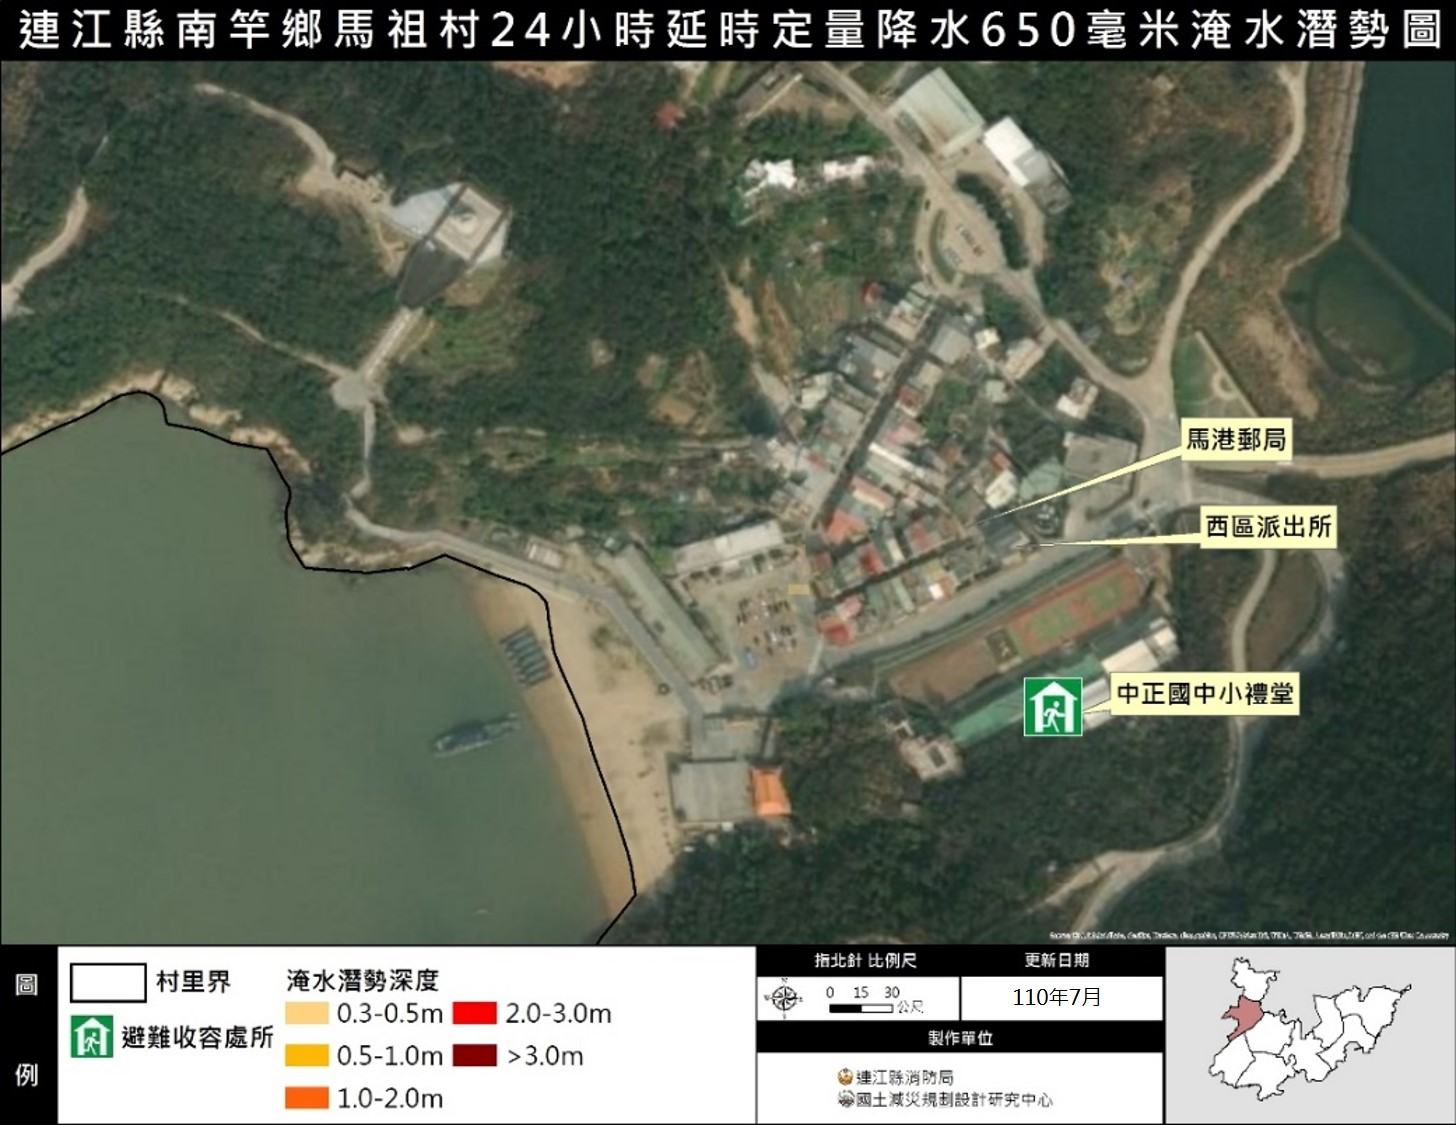 11007淹水馬祖村